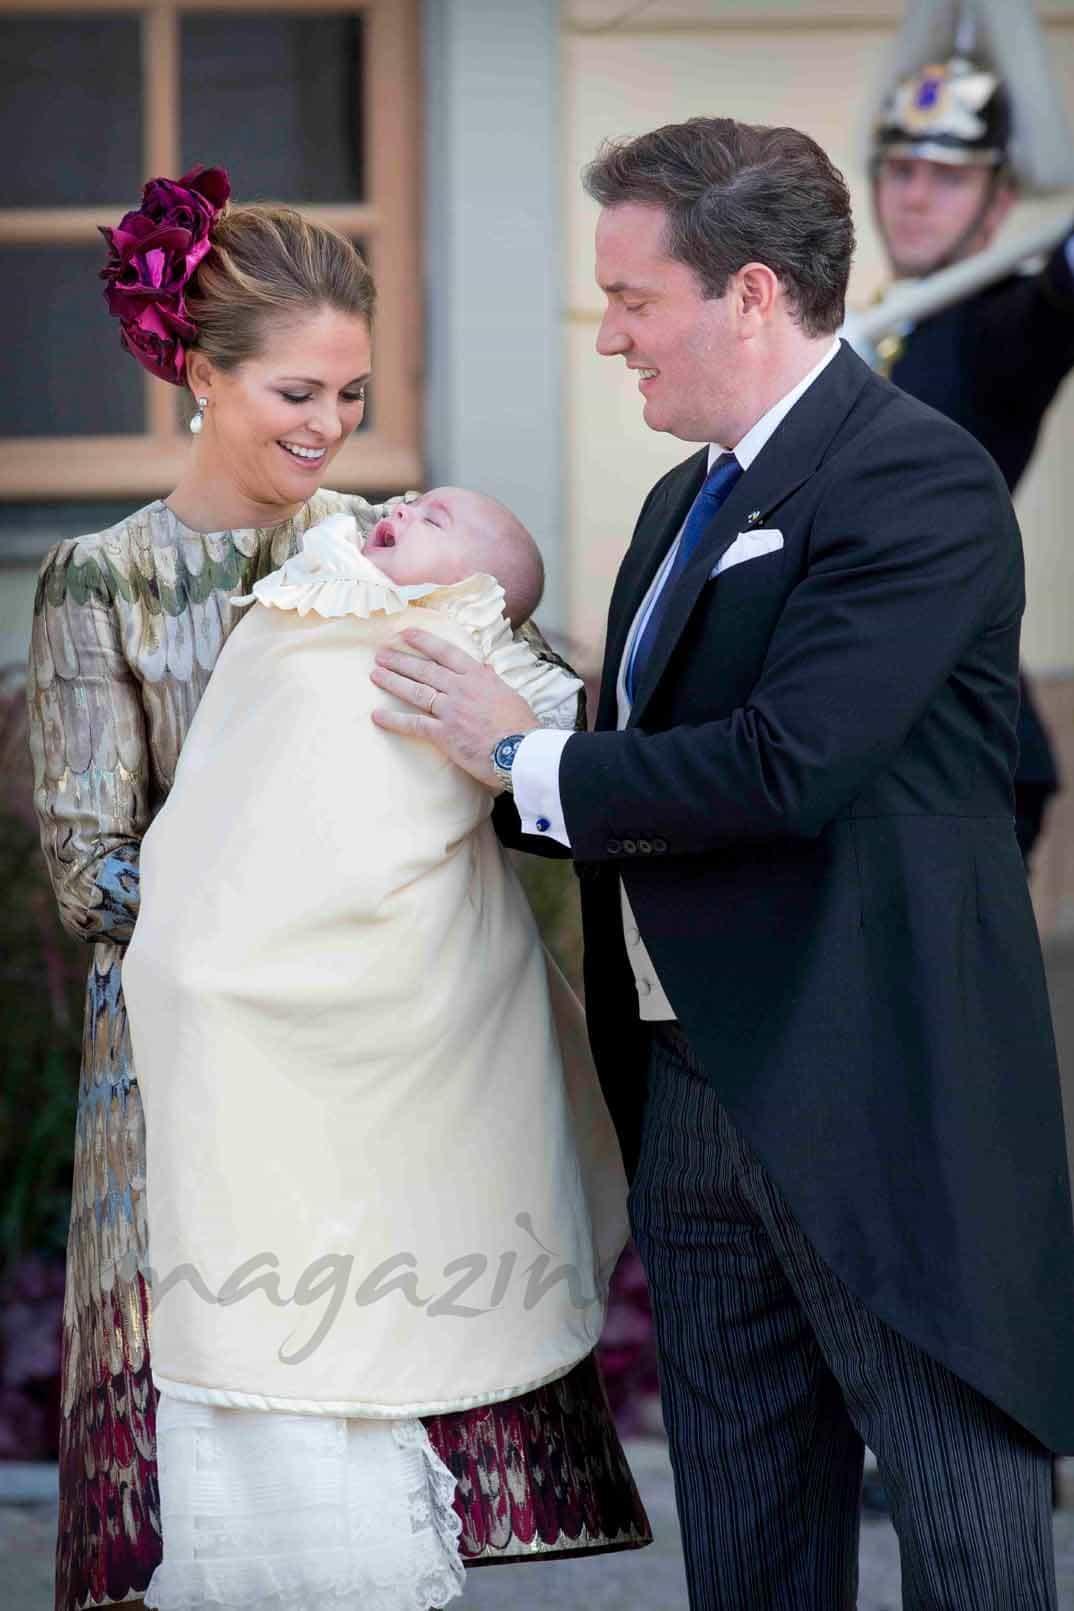 princesa magdalena de suecia y Chris o neill con el príncipe nicolas